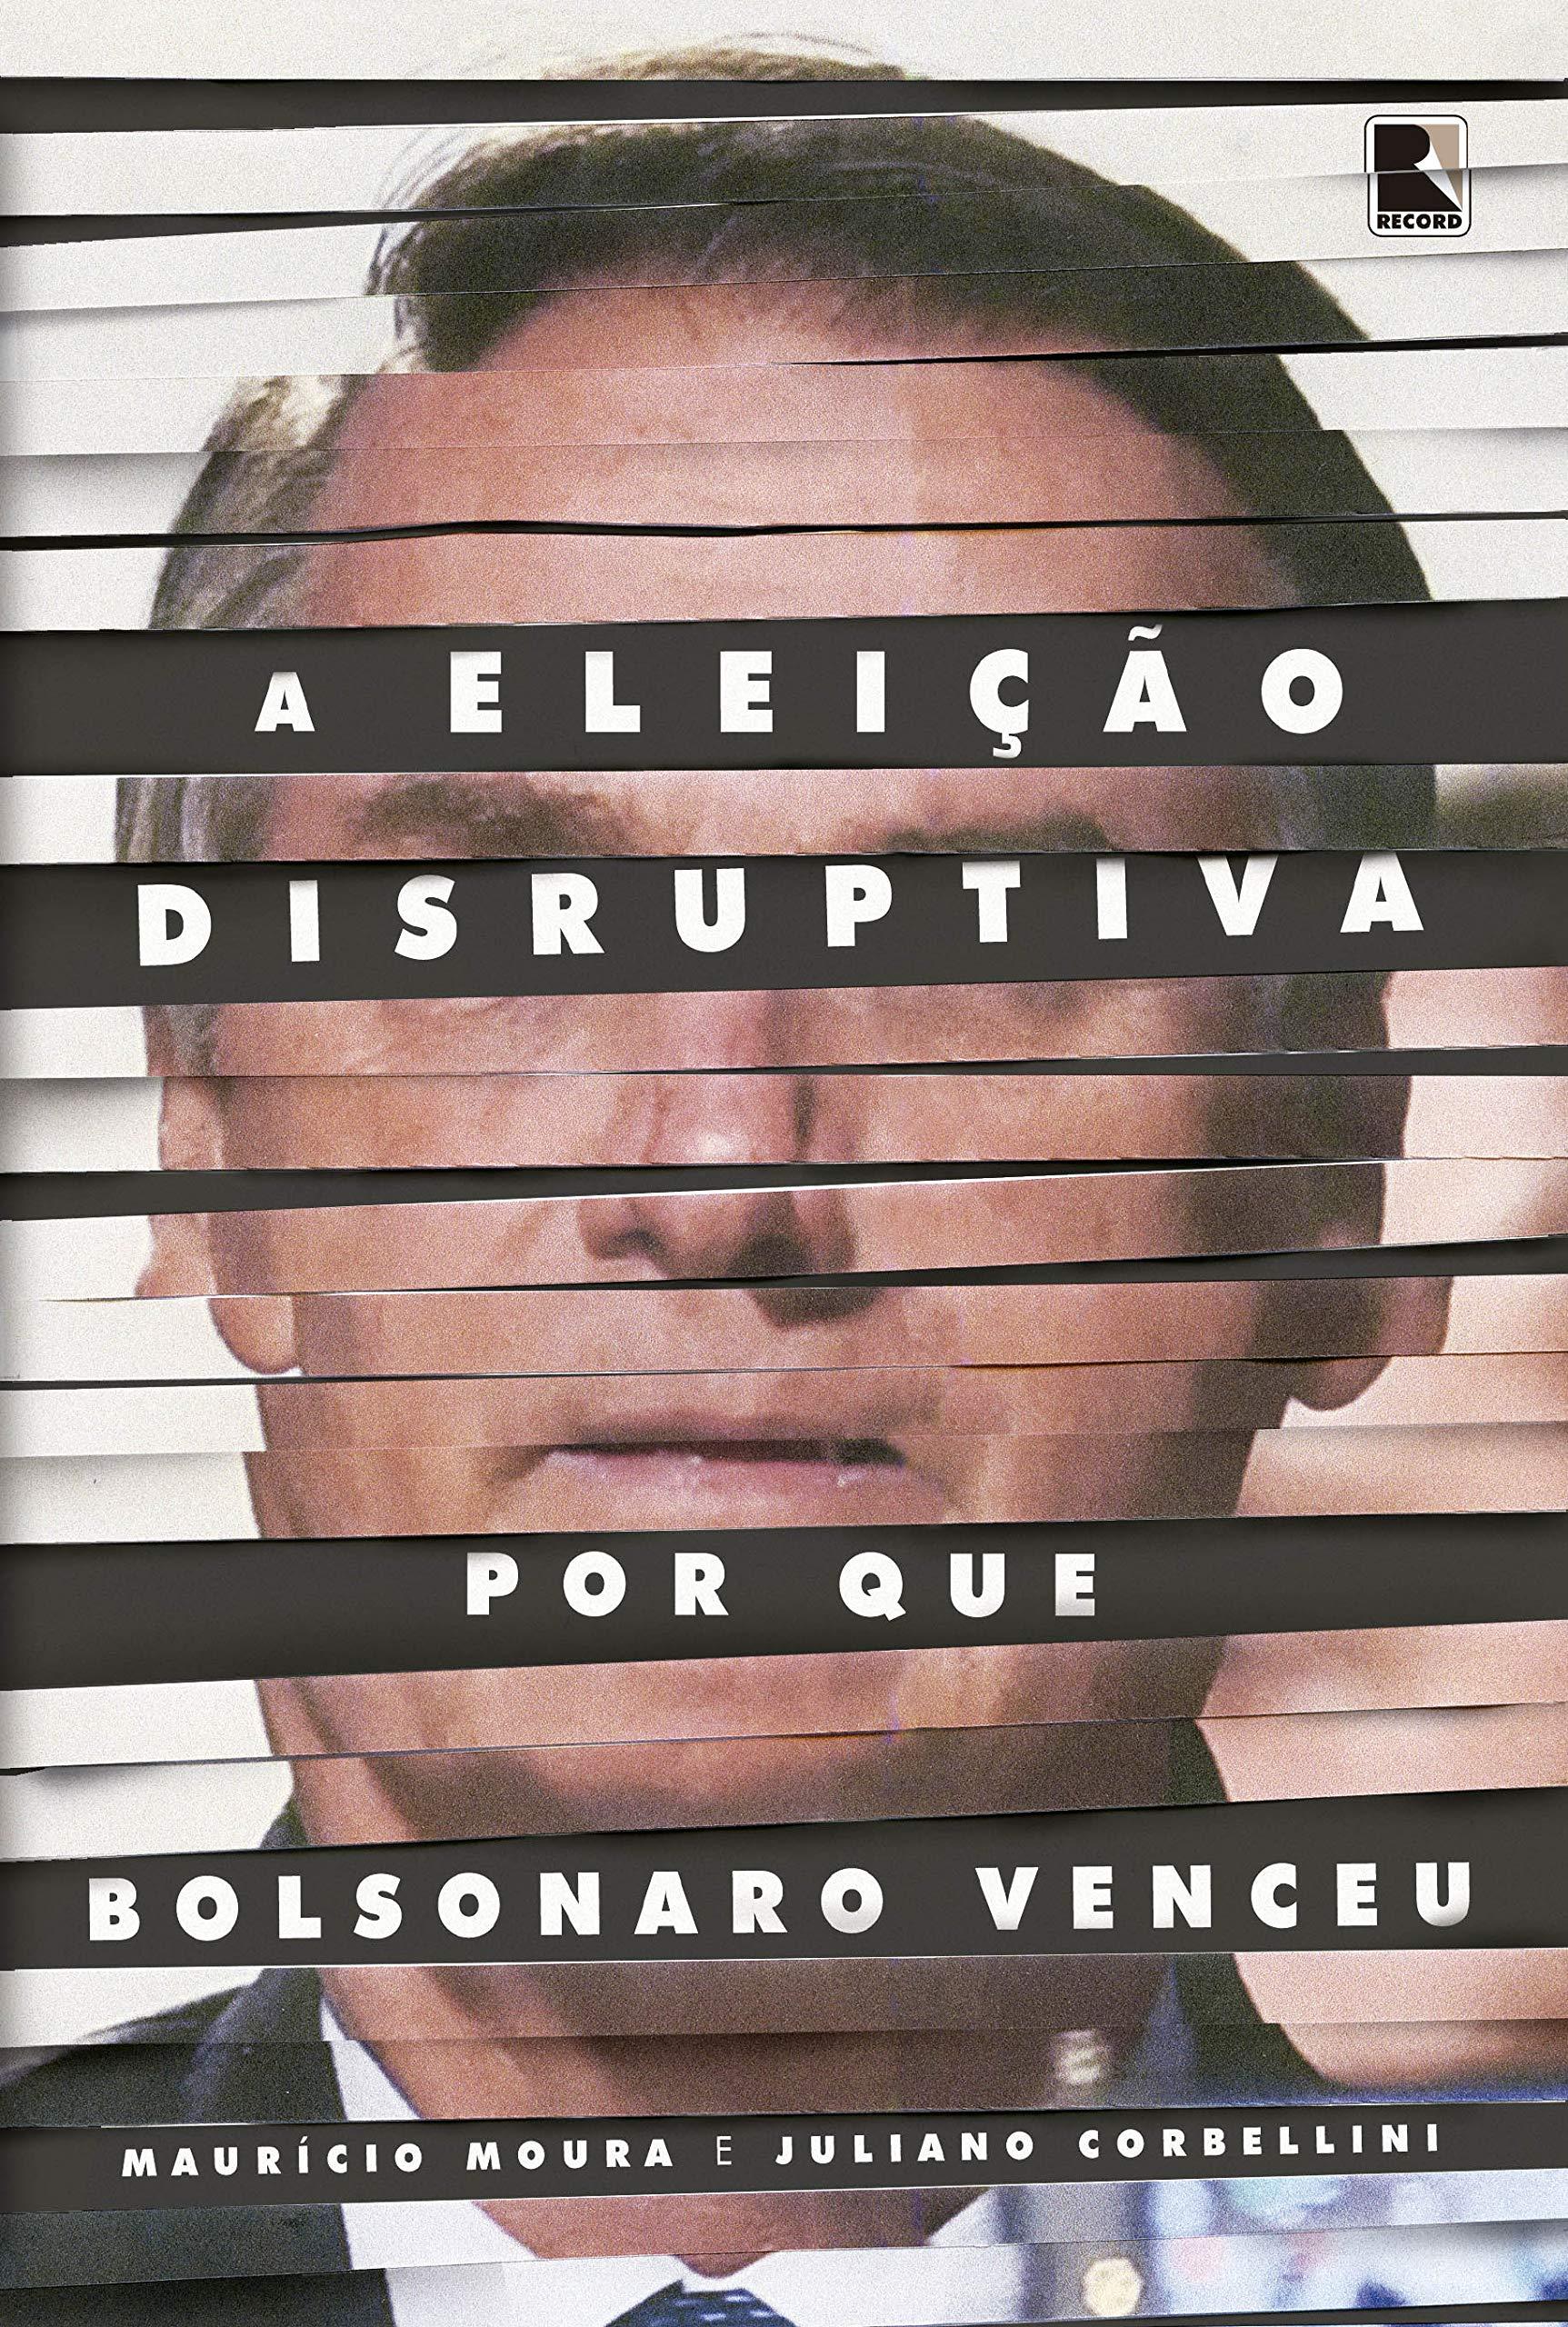 A eleição disruptiva: por que Bolsonaro venceu, livro de Maurício Moura, Juliano Corbellini